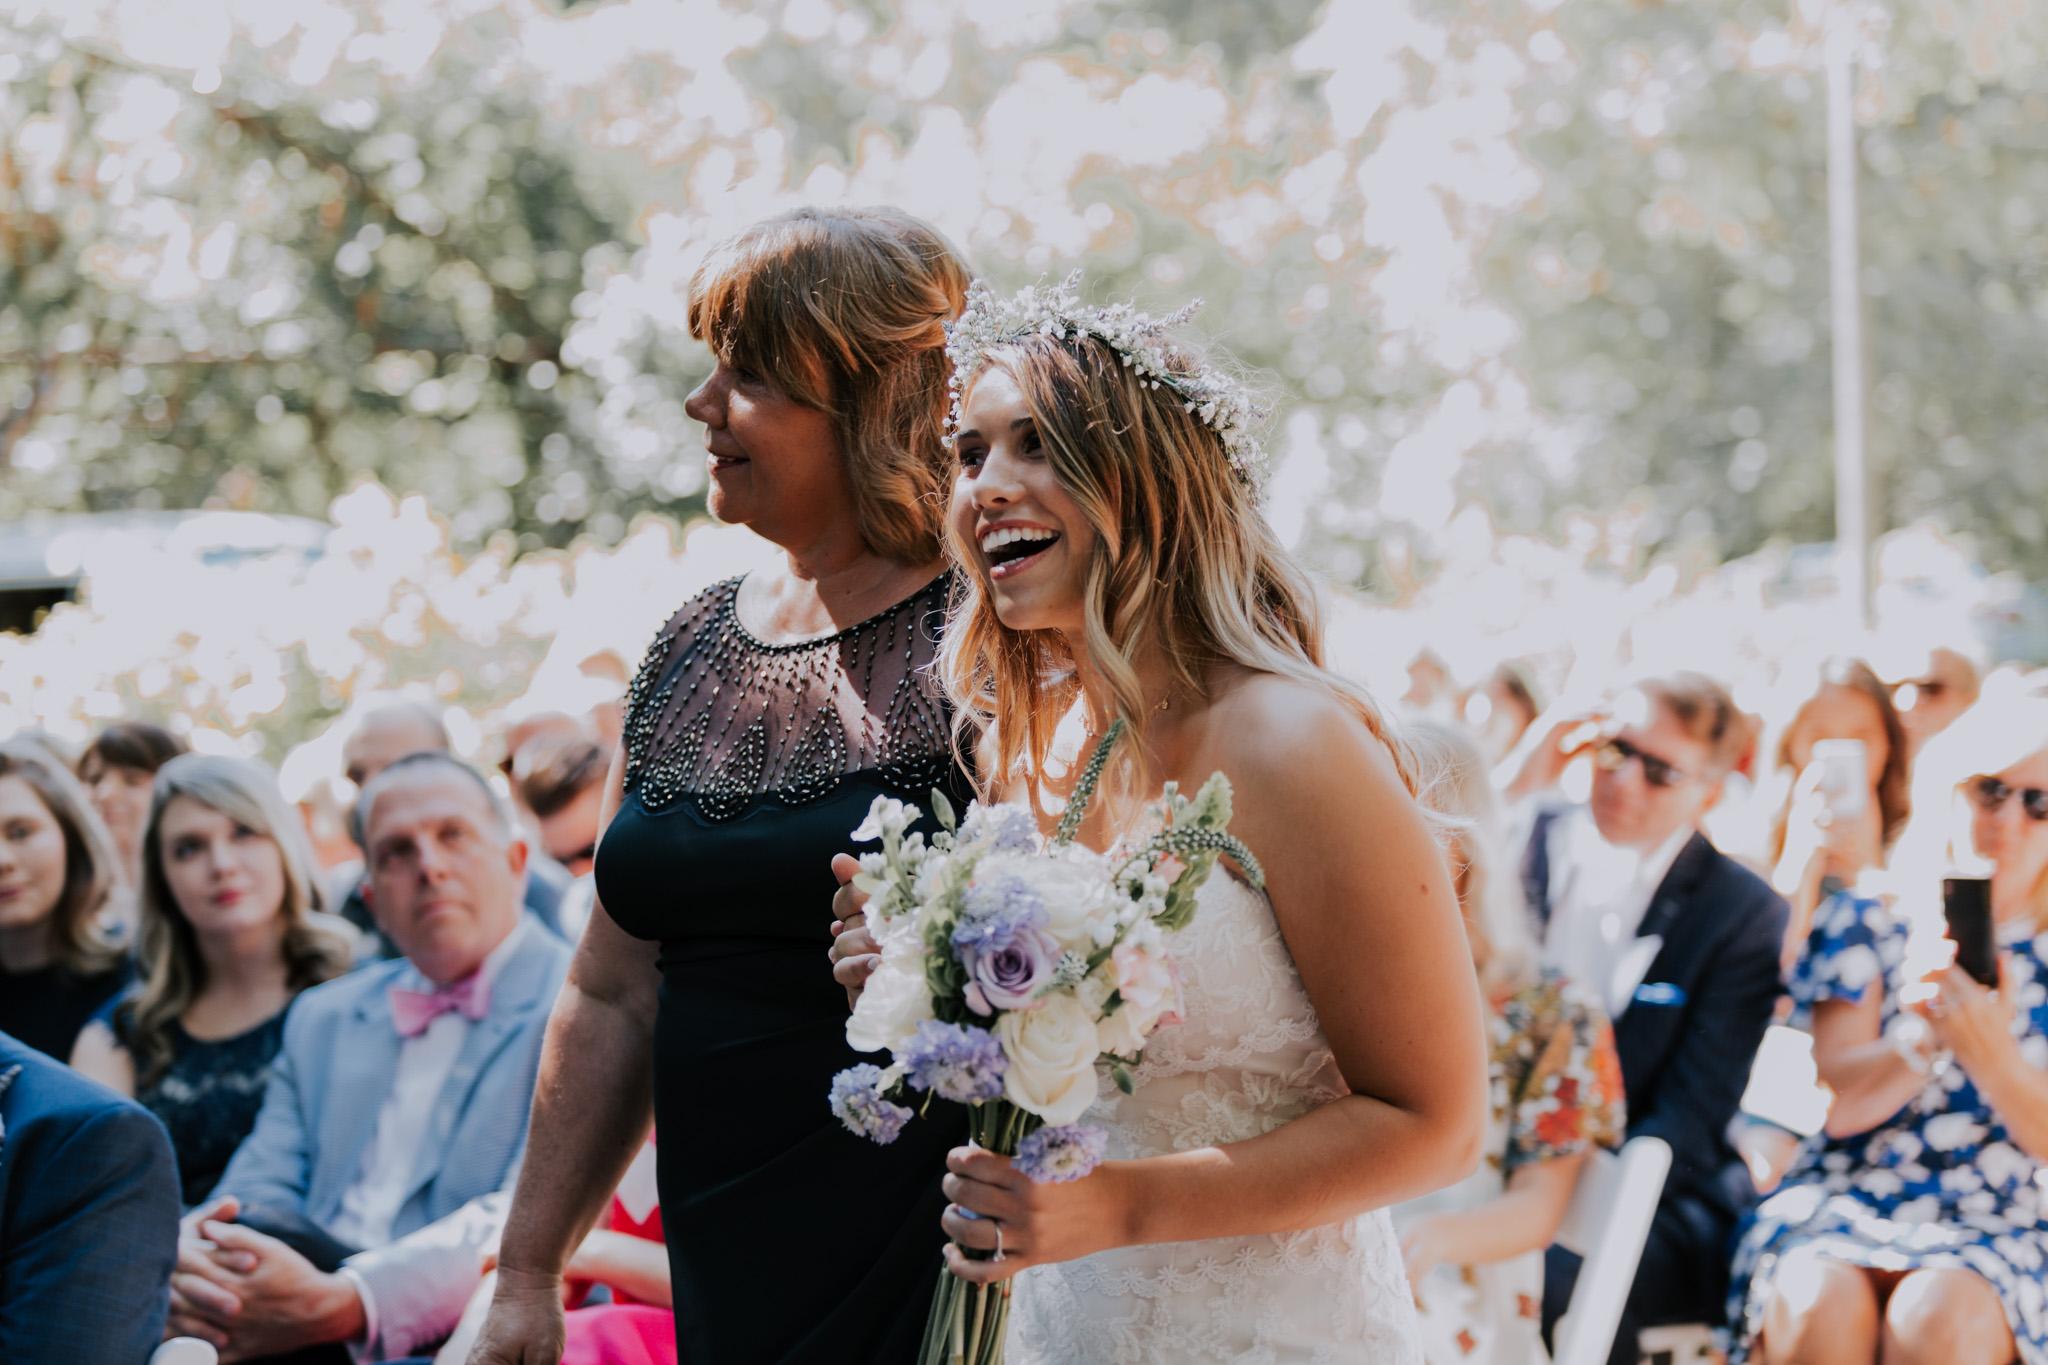 Blue-Dress-Barn-Michigan-Wedding-April-Seth-Vafa-Photo488.jpg